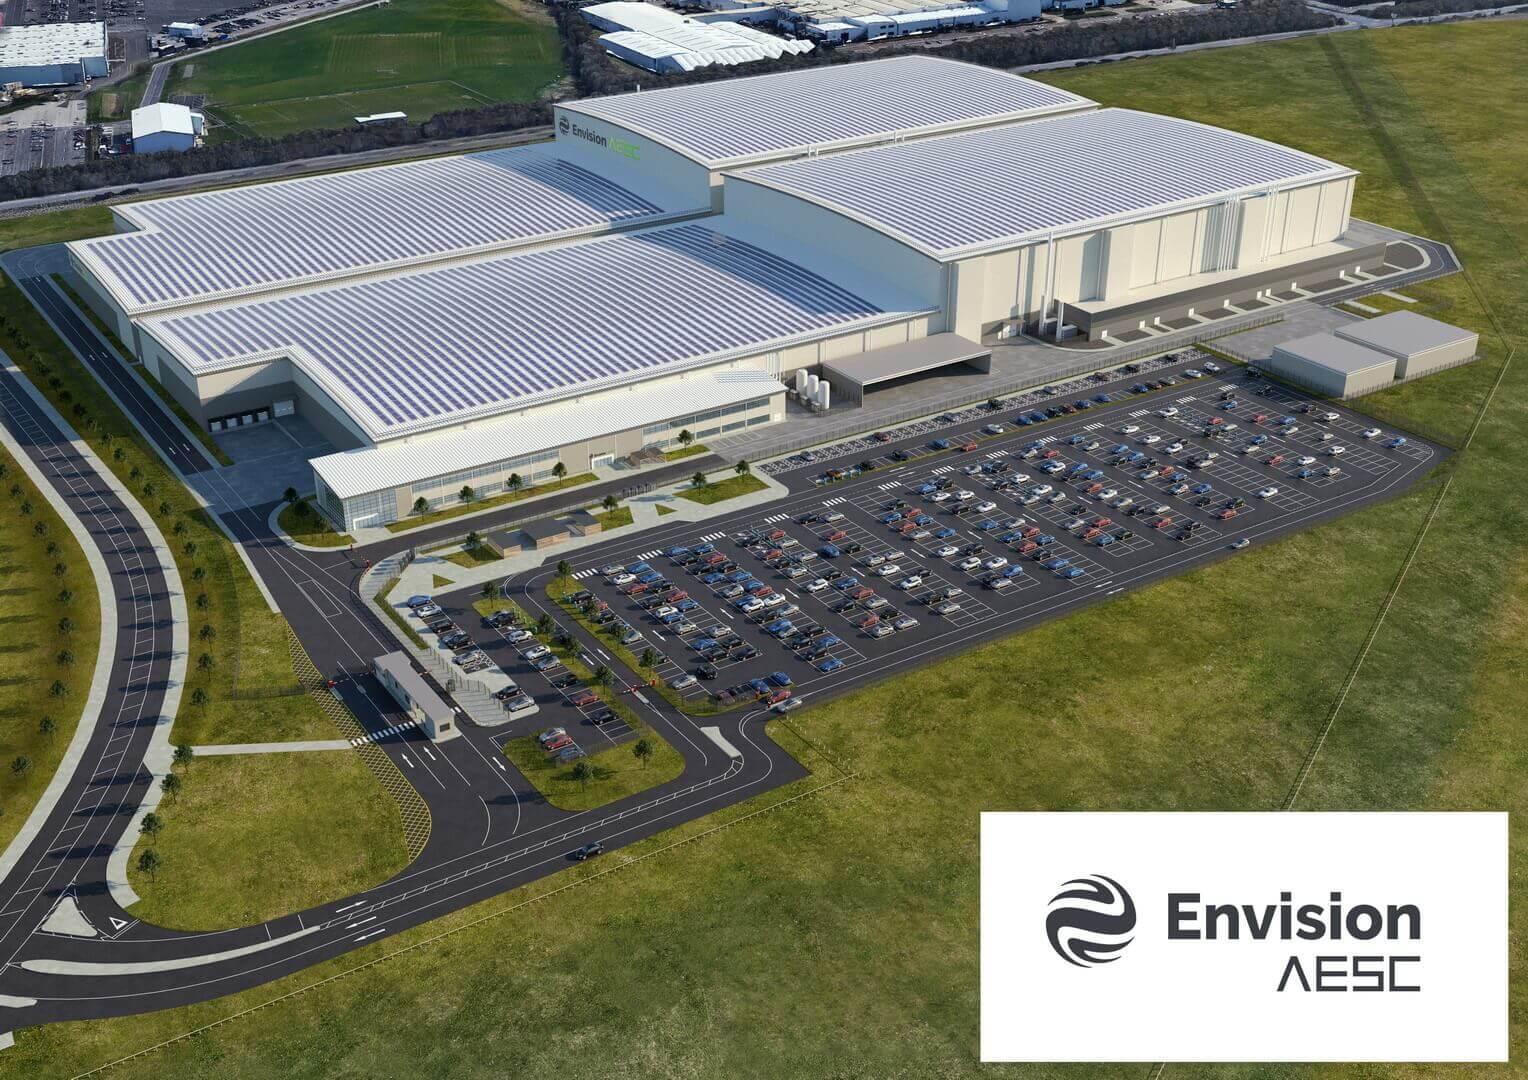 Мировой лидер по производству батарей и многолетний партнер Nissan, AESC Envision, построит новый завод для производства батарей «Gigafactory» мощностью 9 ГВт⋅ч оборудованный в соответствии с самыми передовыми технологиями